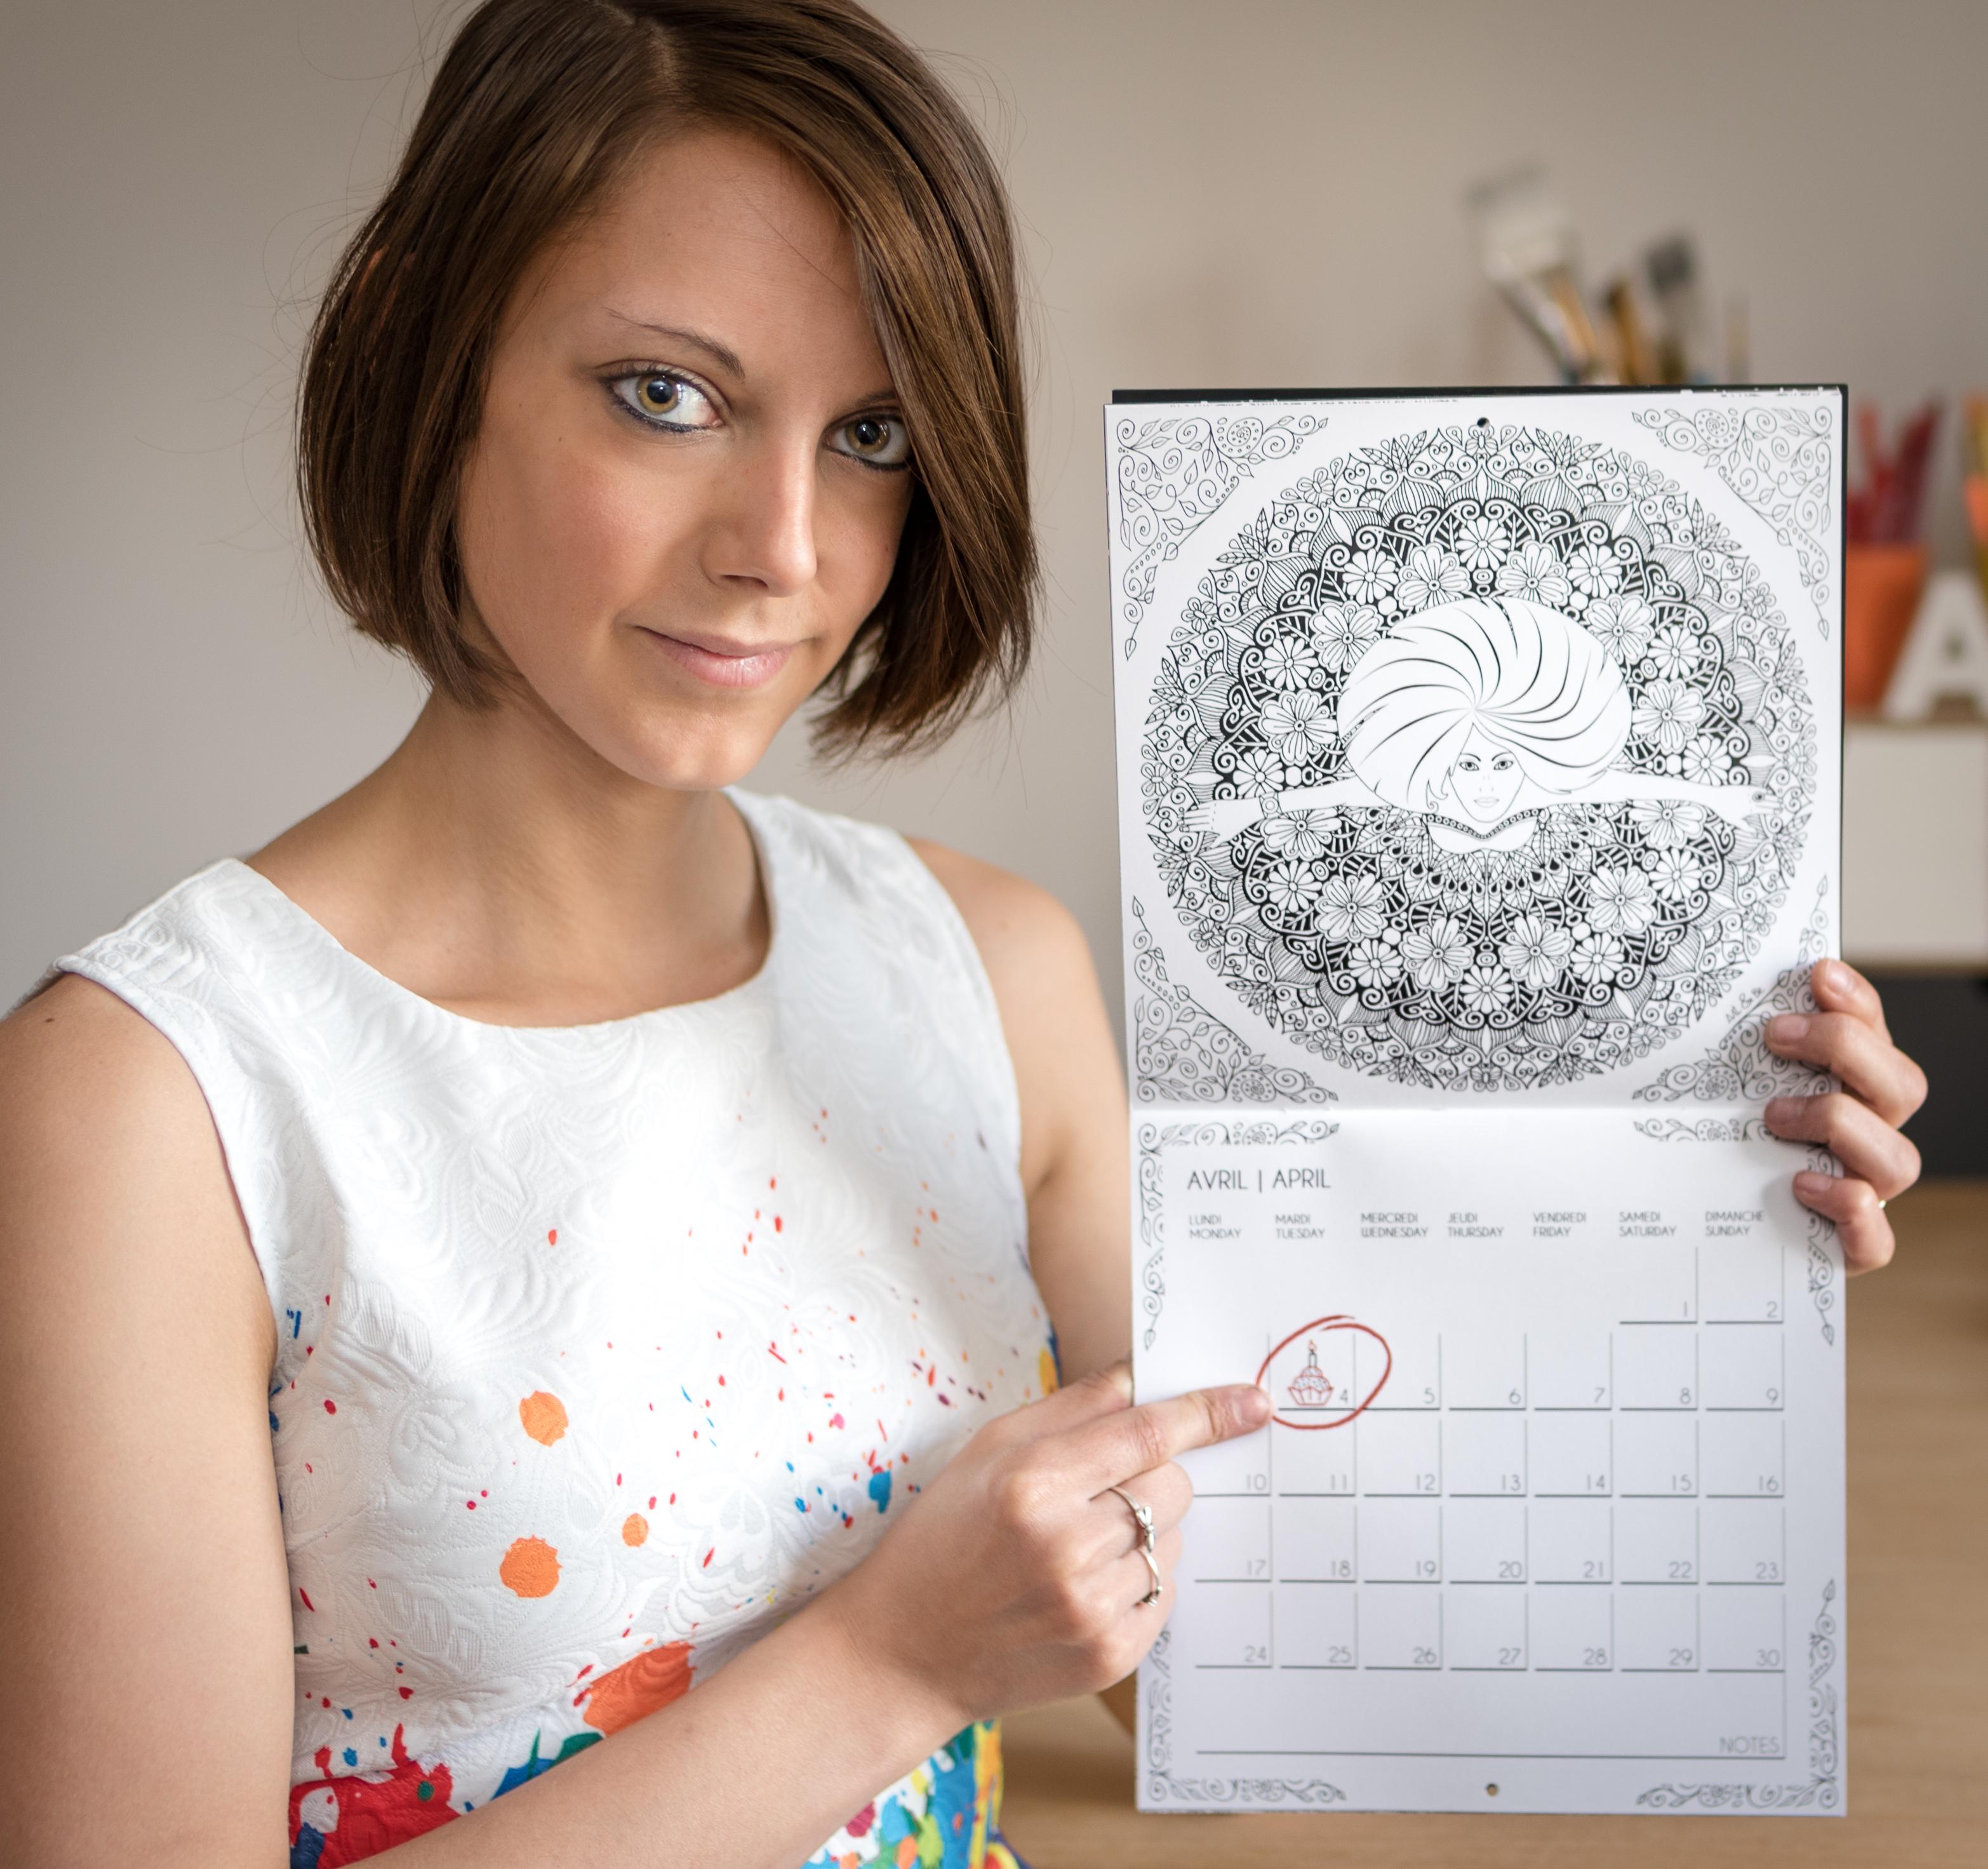 Sabrina Beretta présente son calendrier à colorier